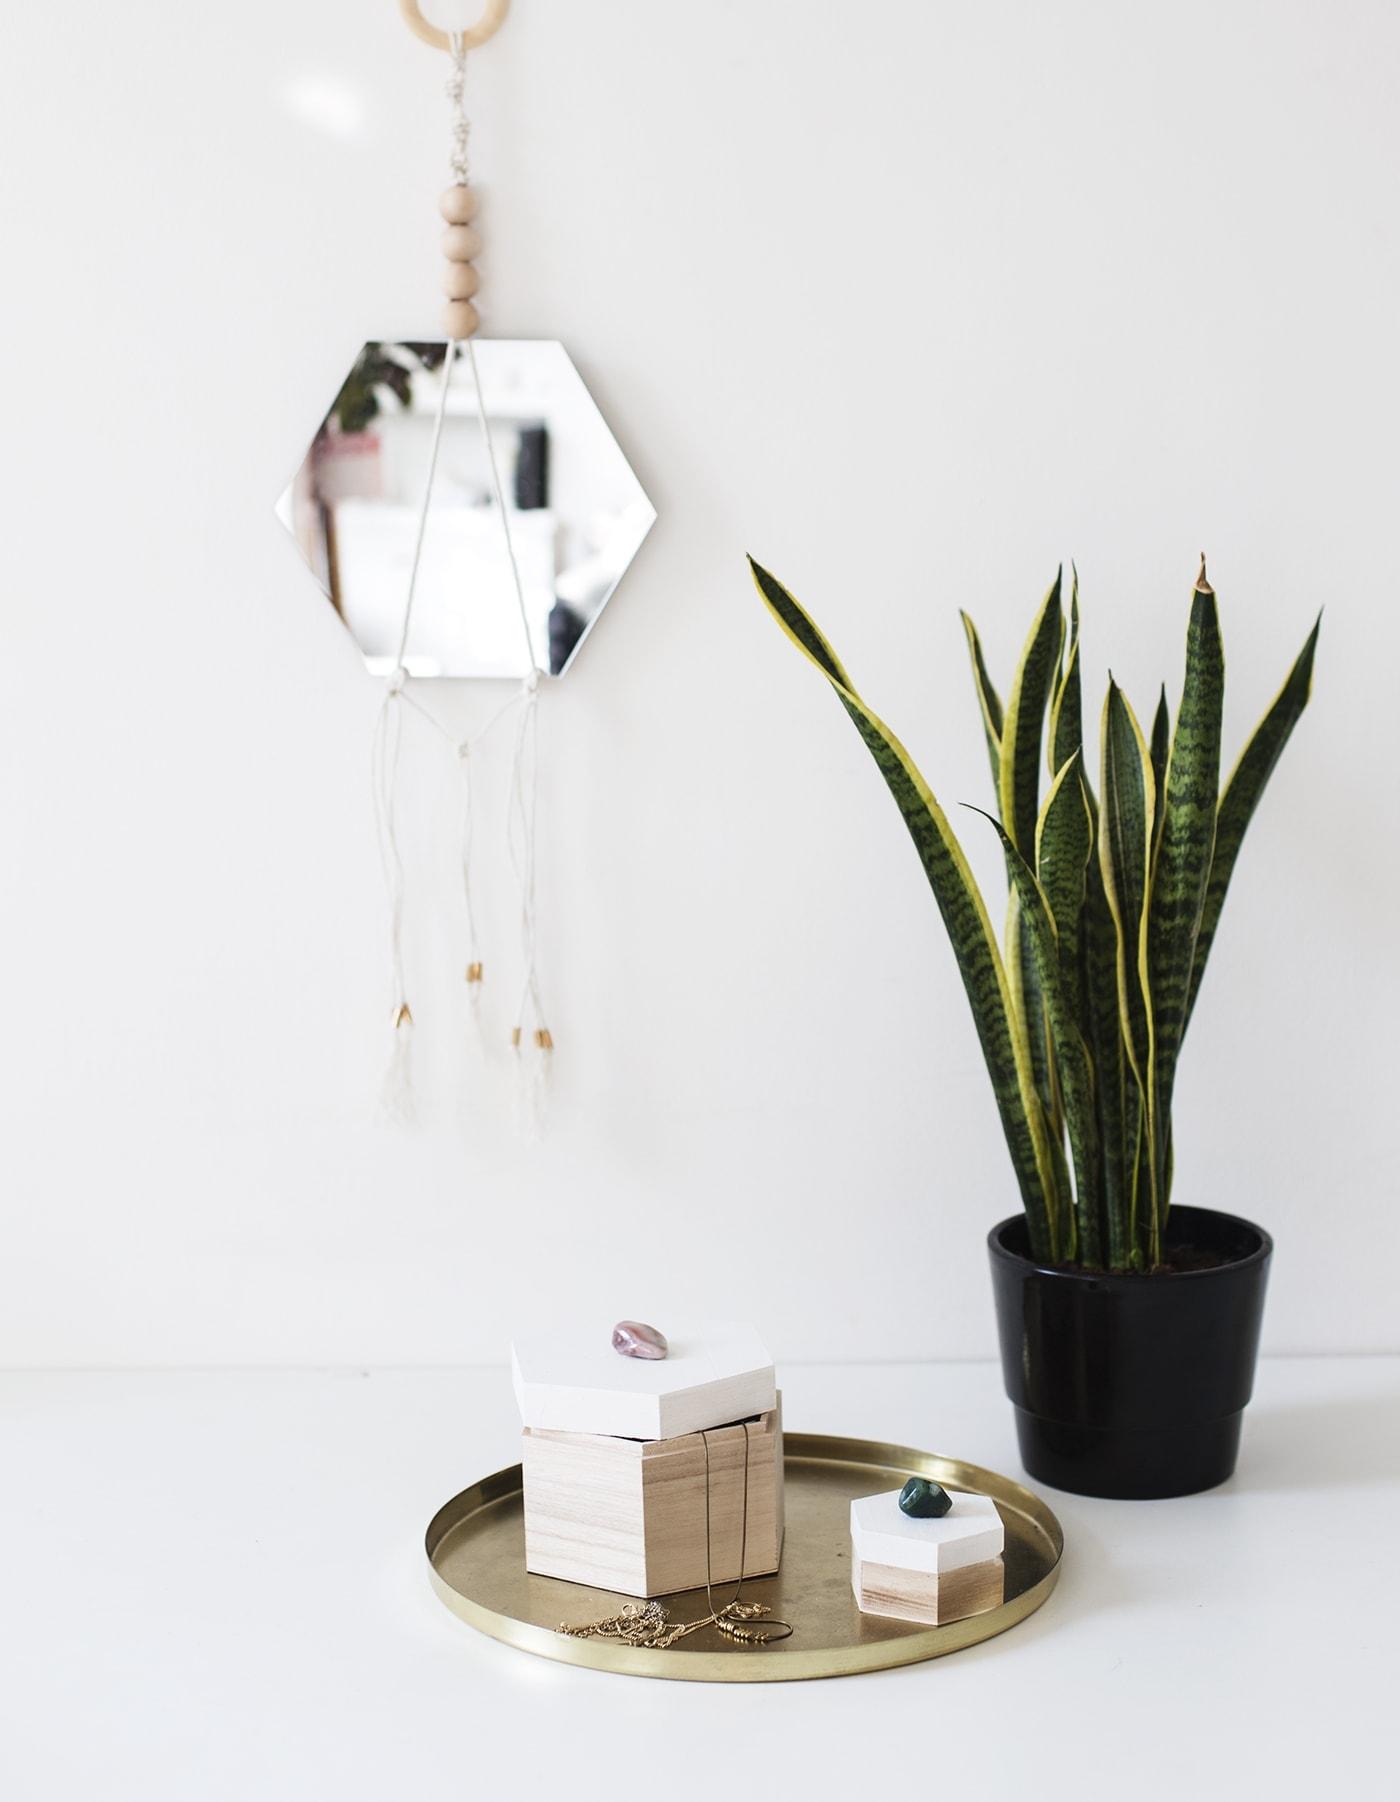 diy-gem-pull-boxes-storage-simple-tutorial